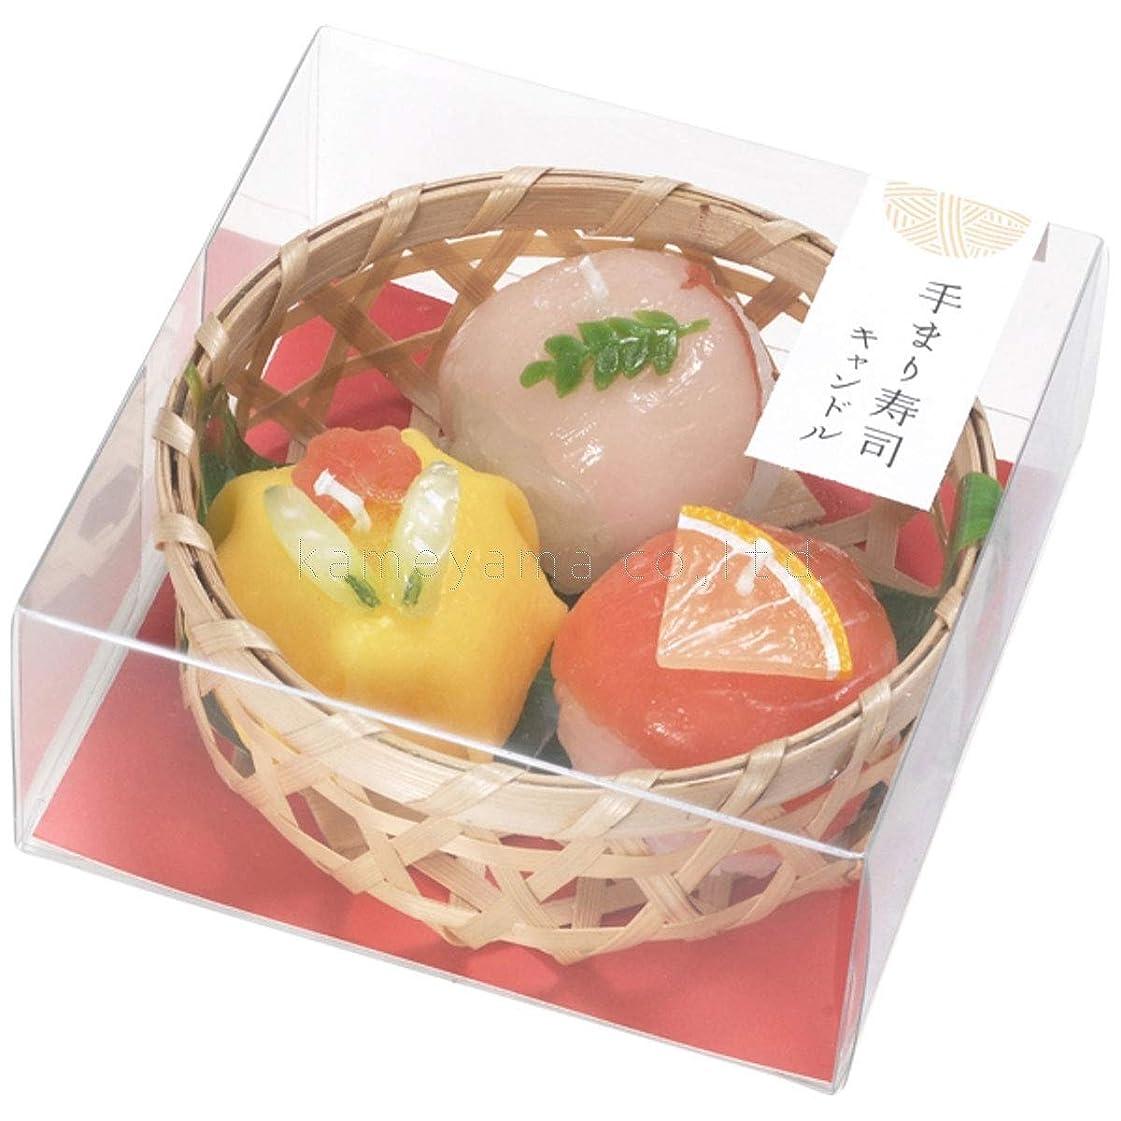 評判ホイップ絶えず手まり寿司キャンドル (故人の好物シリーズ)